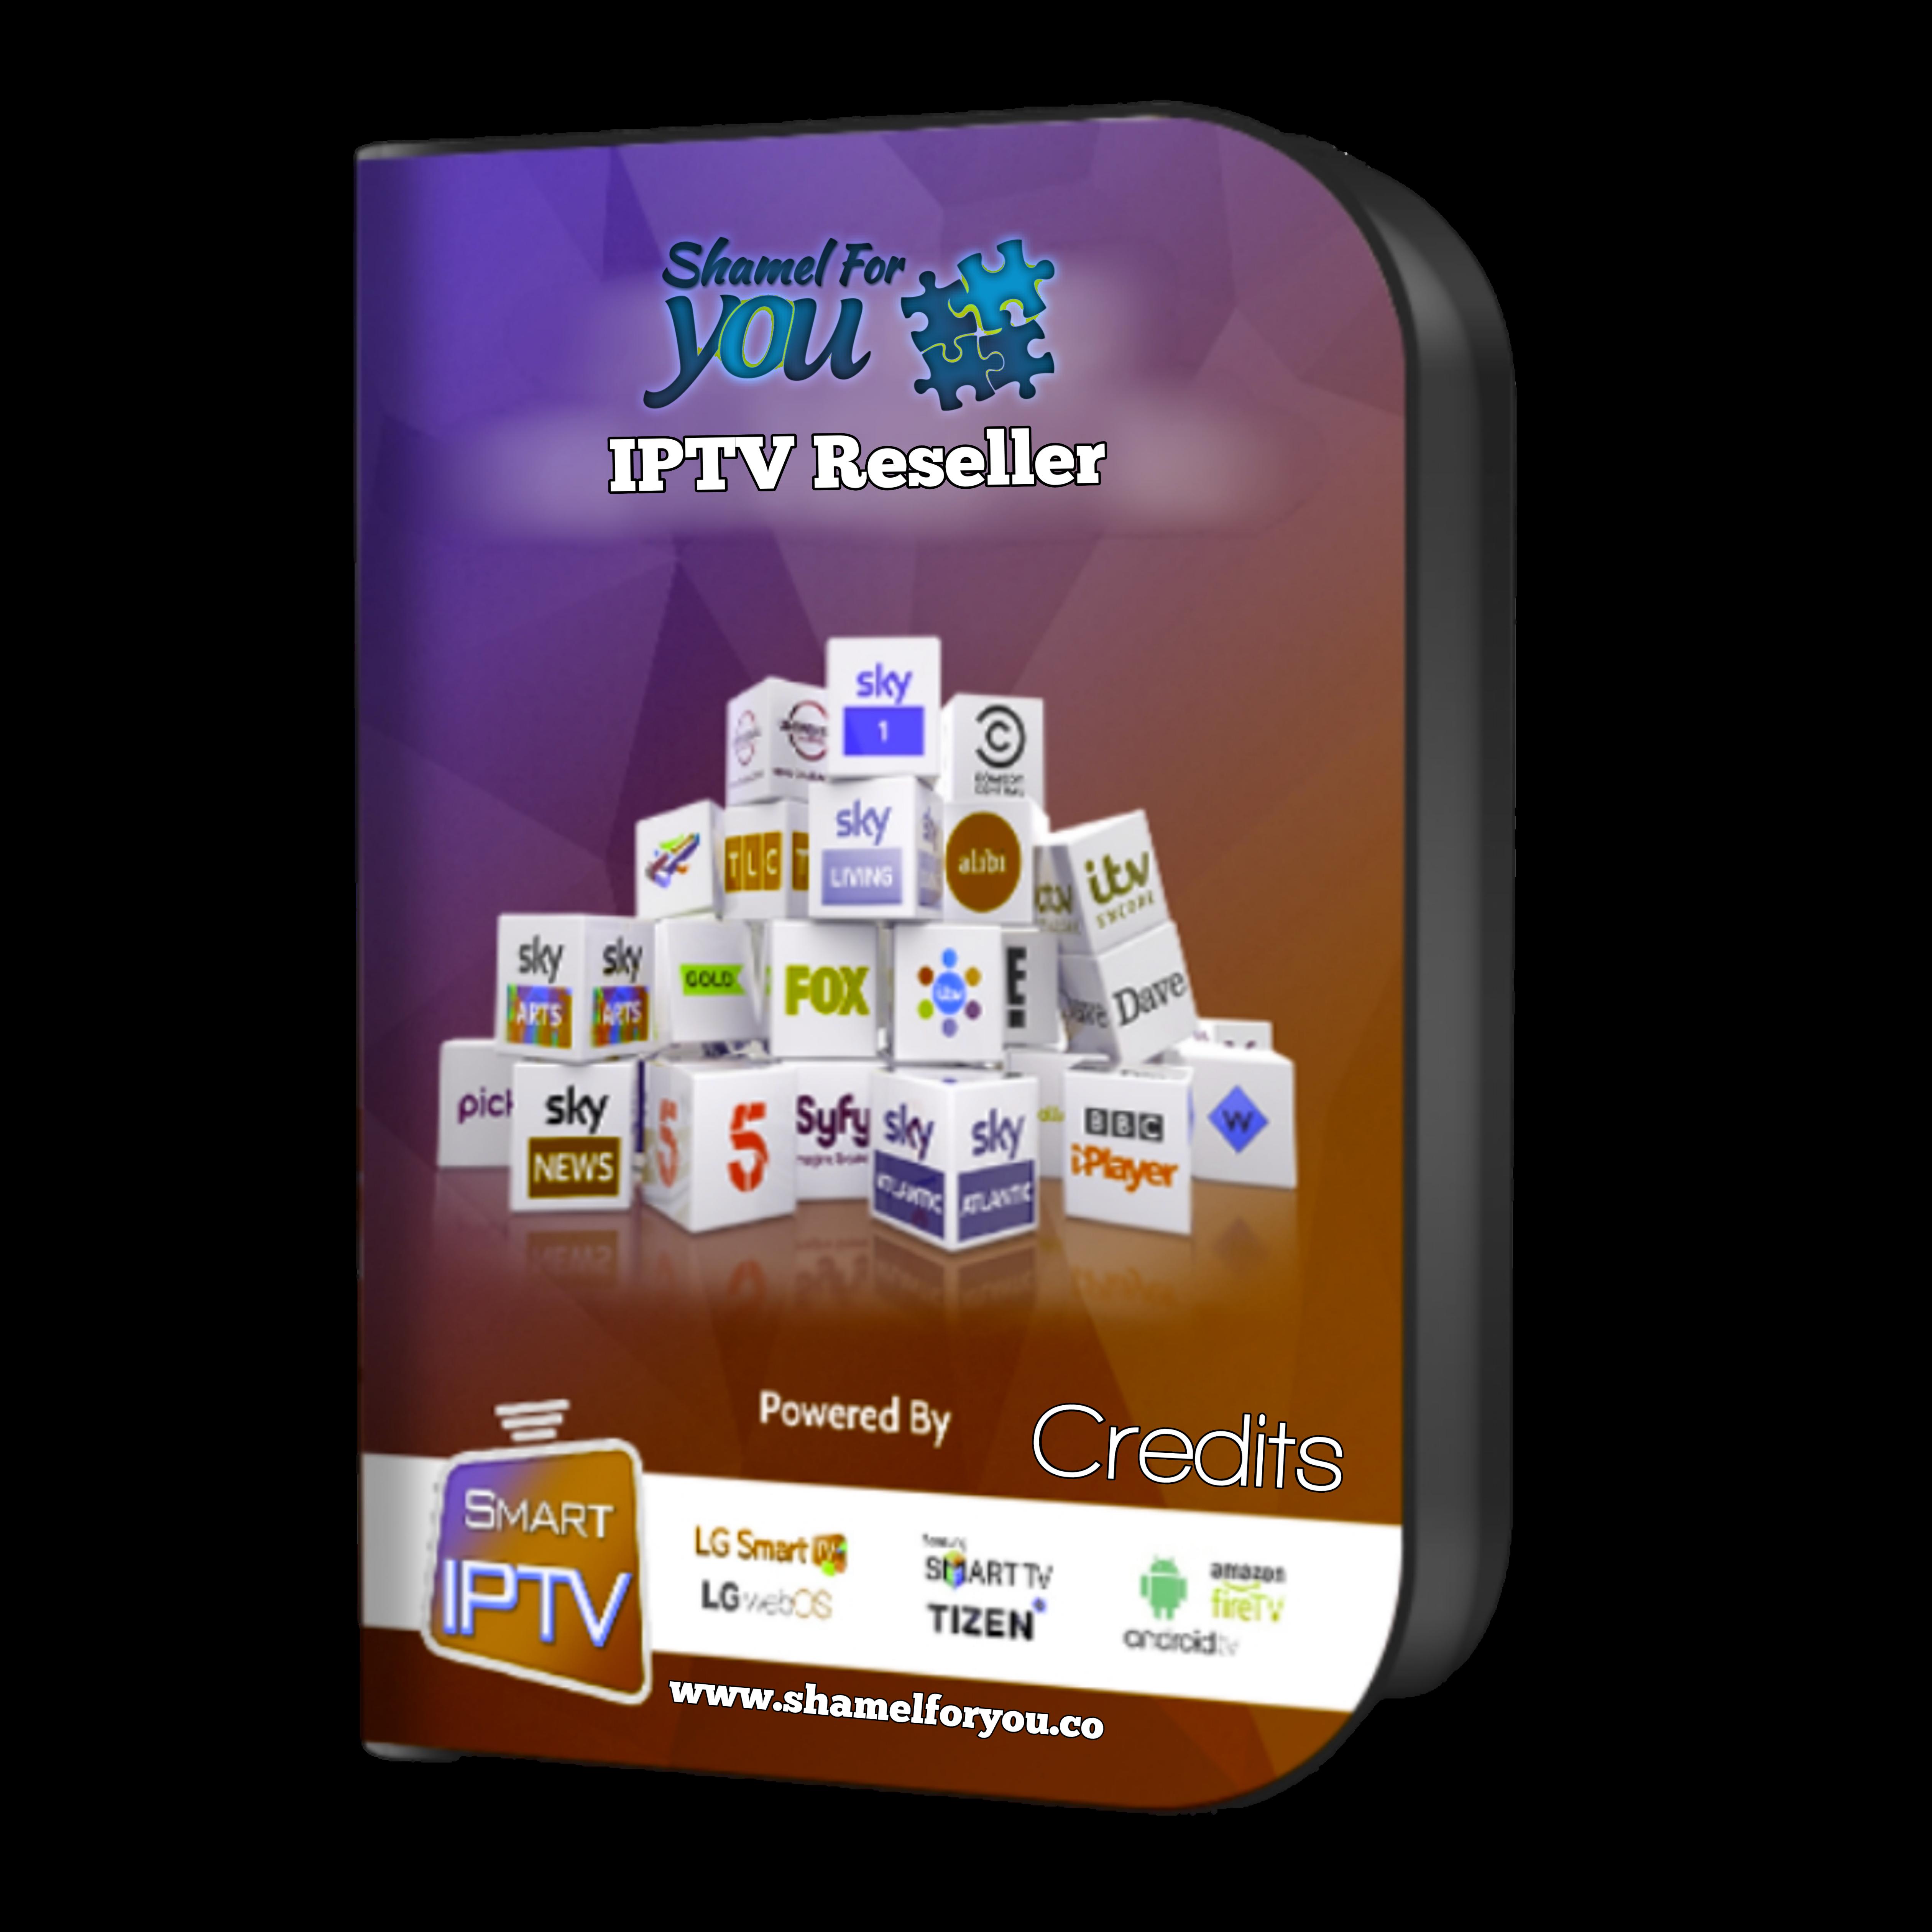 IPTV Shamel 4 You Reseller 00356